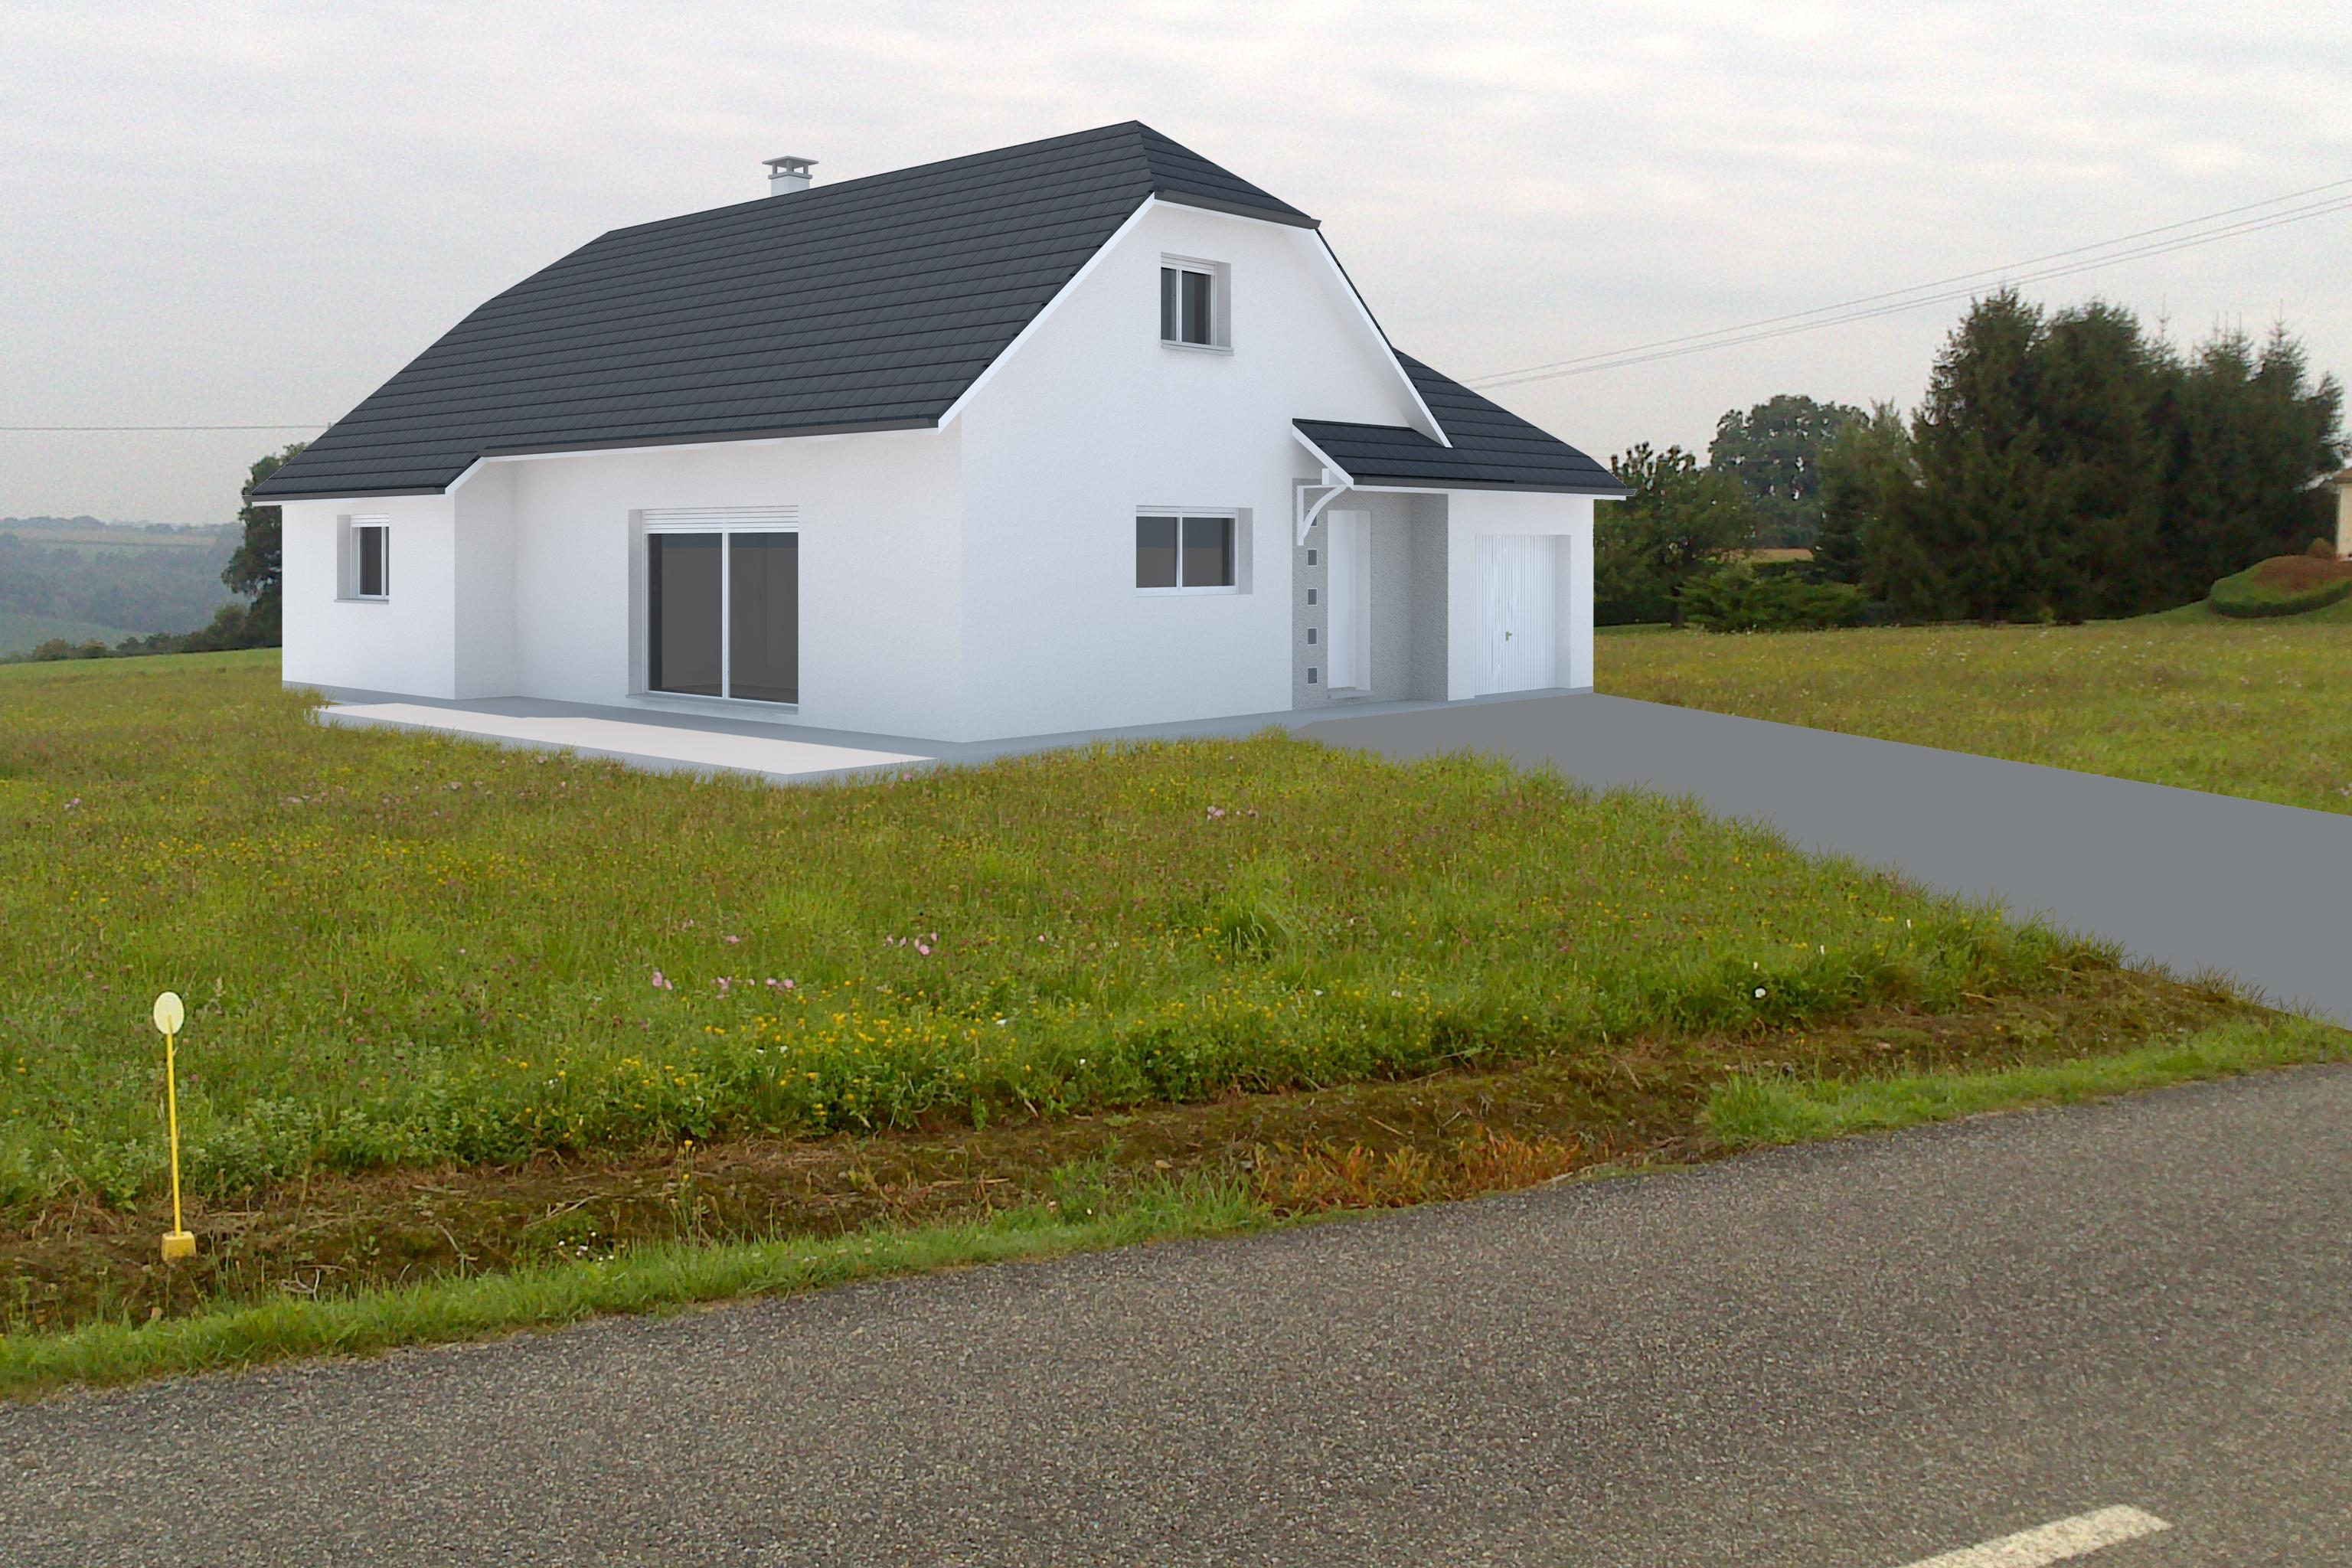 Agena constructions constructeur pau 64 tarbes 65 for Constructeur de maison individuelle 59